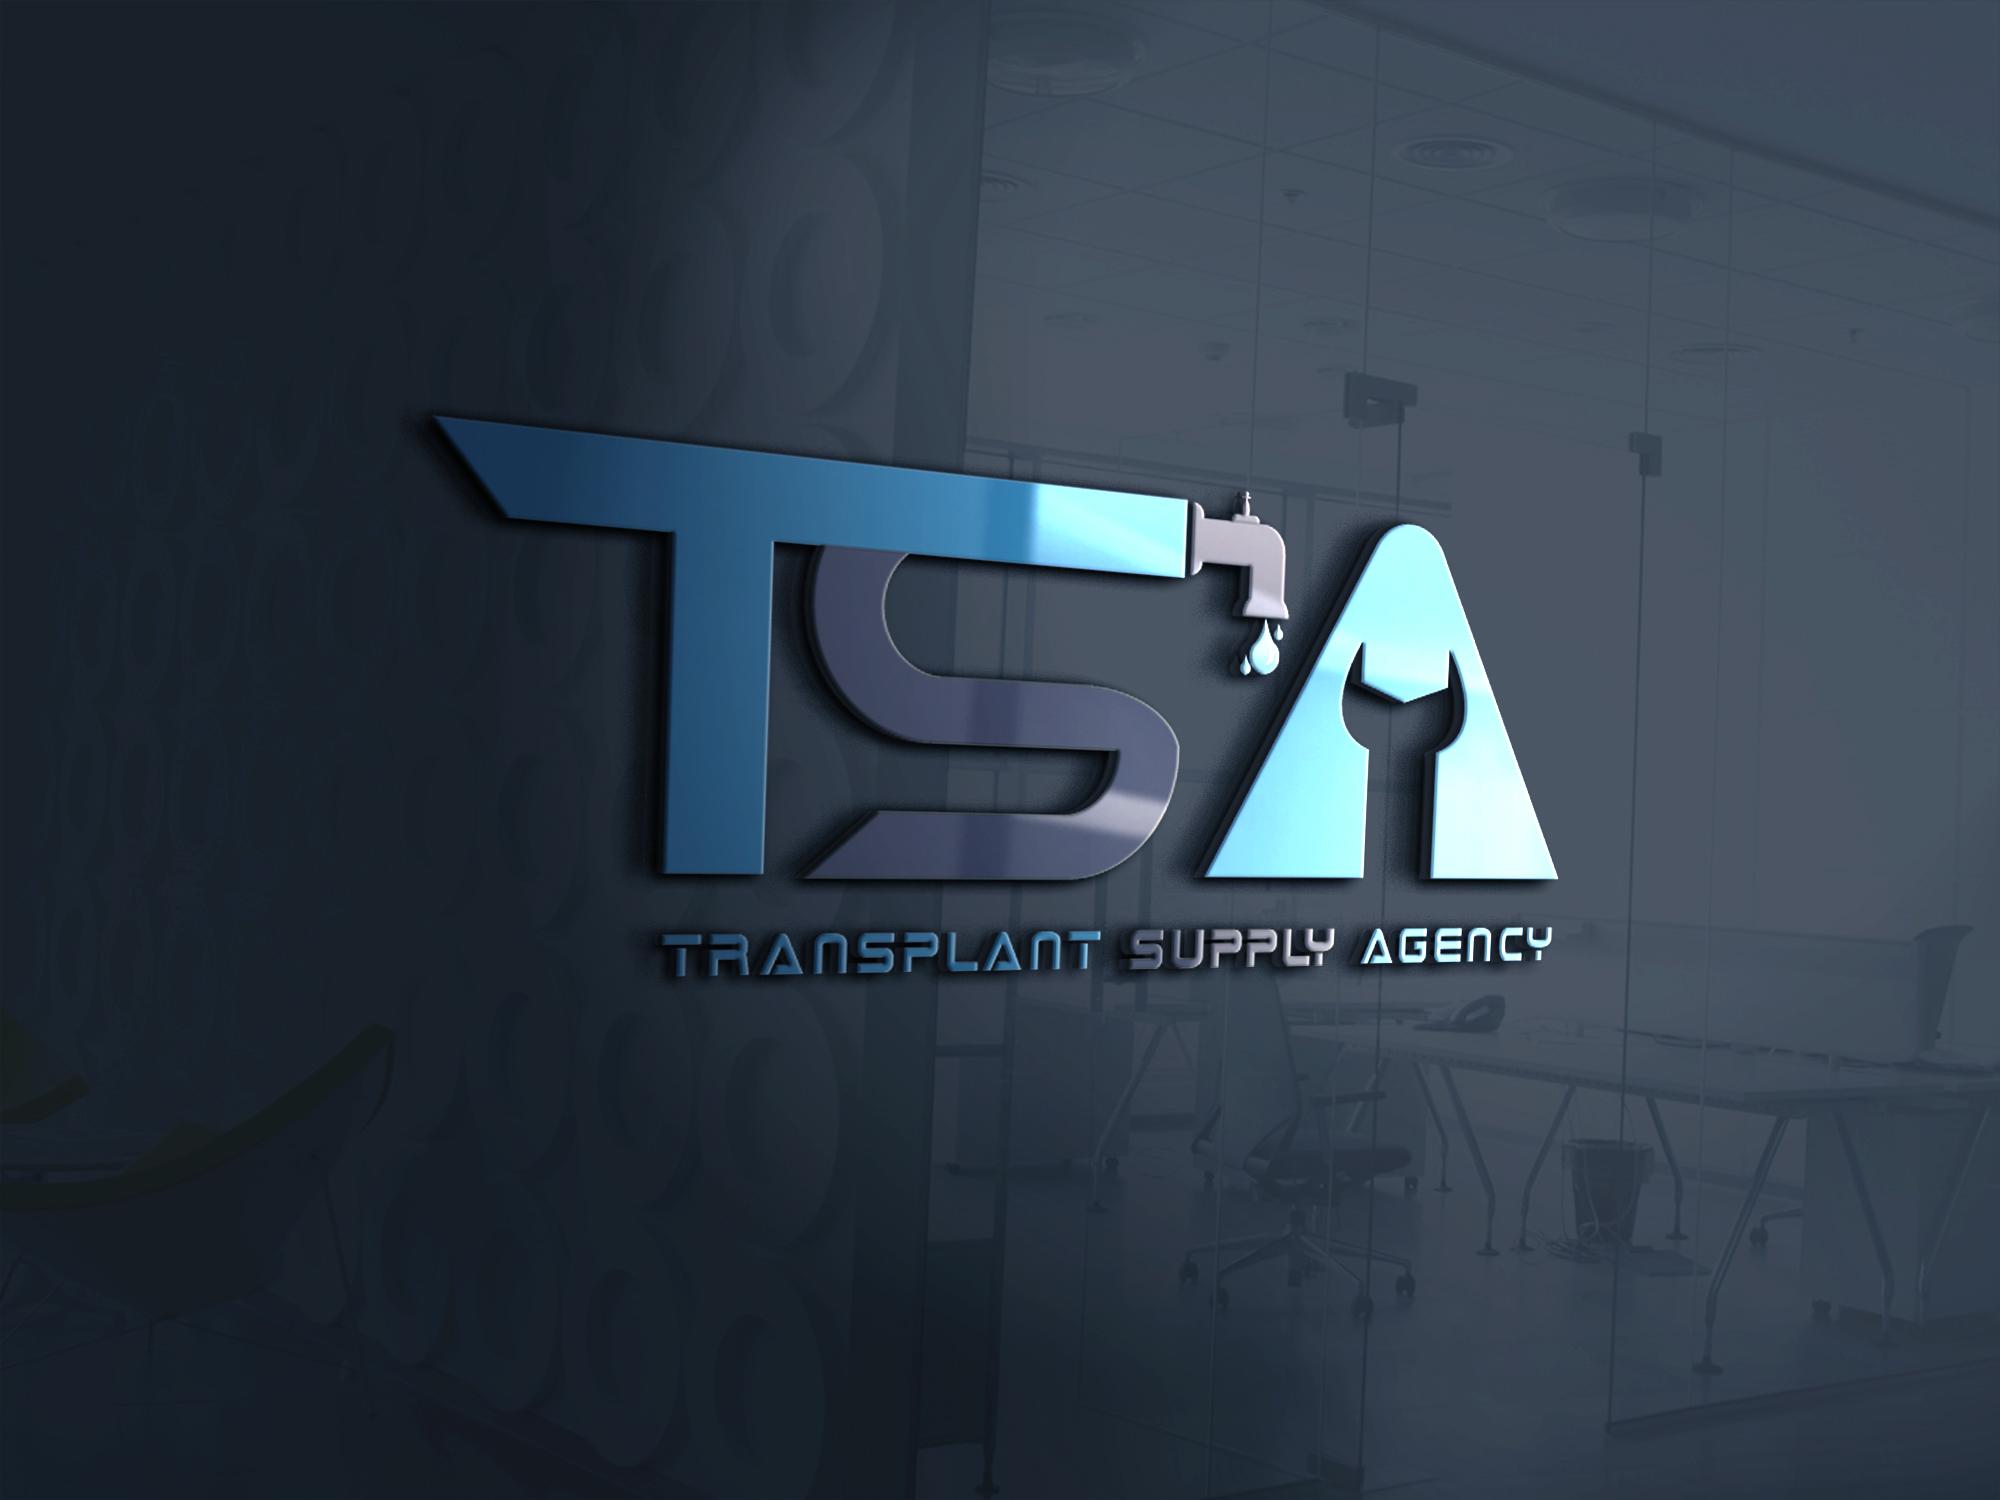 I will create unique minimalist logo design